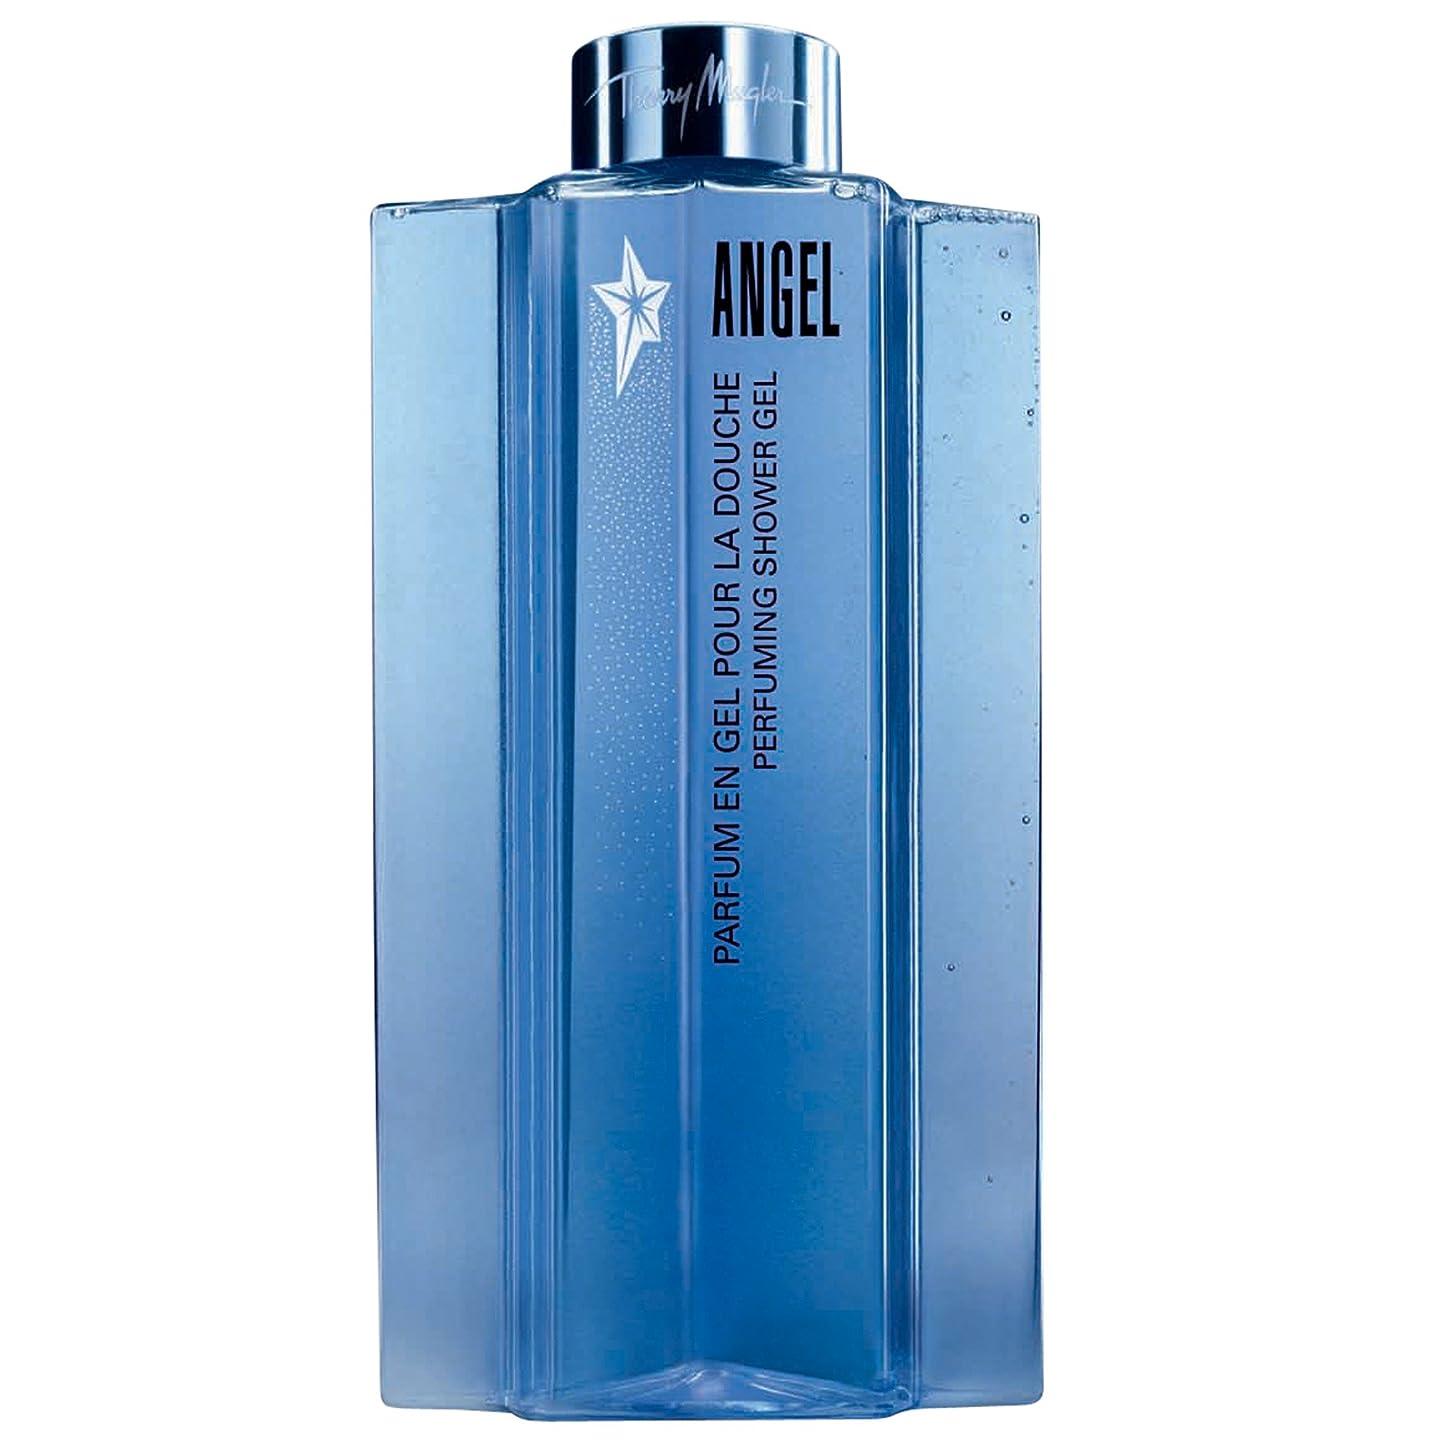 息を切らして受信機酸素ティエリー?ミュグレーの天使香料シャワージェル200ミリリットル (Thierry Mugler) (x6) - Thierry Mugler Angel Perfuming Shower Gel 200ml (Pack of 6) [並行輸入品]